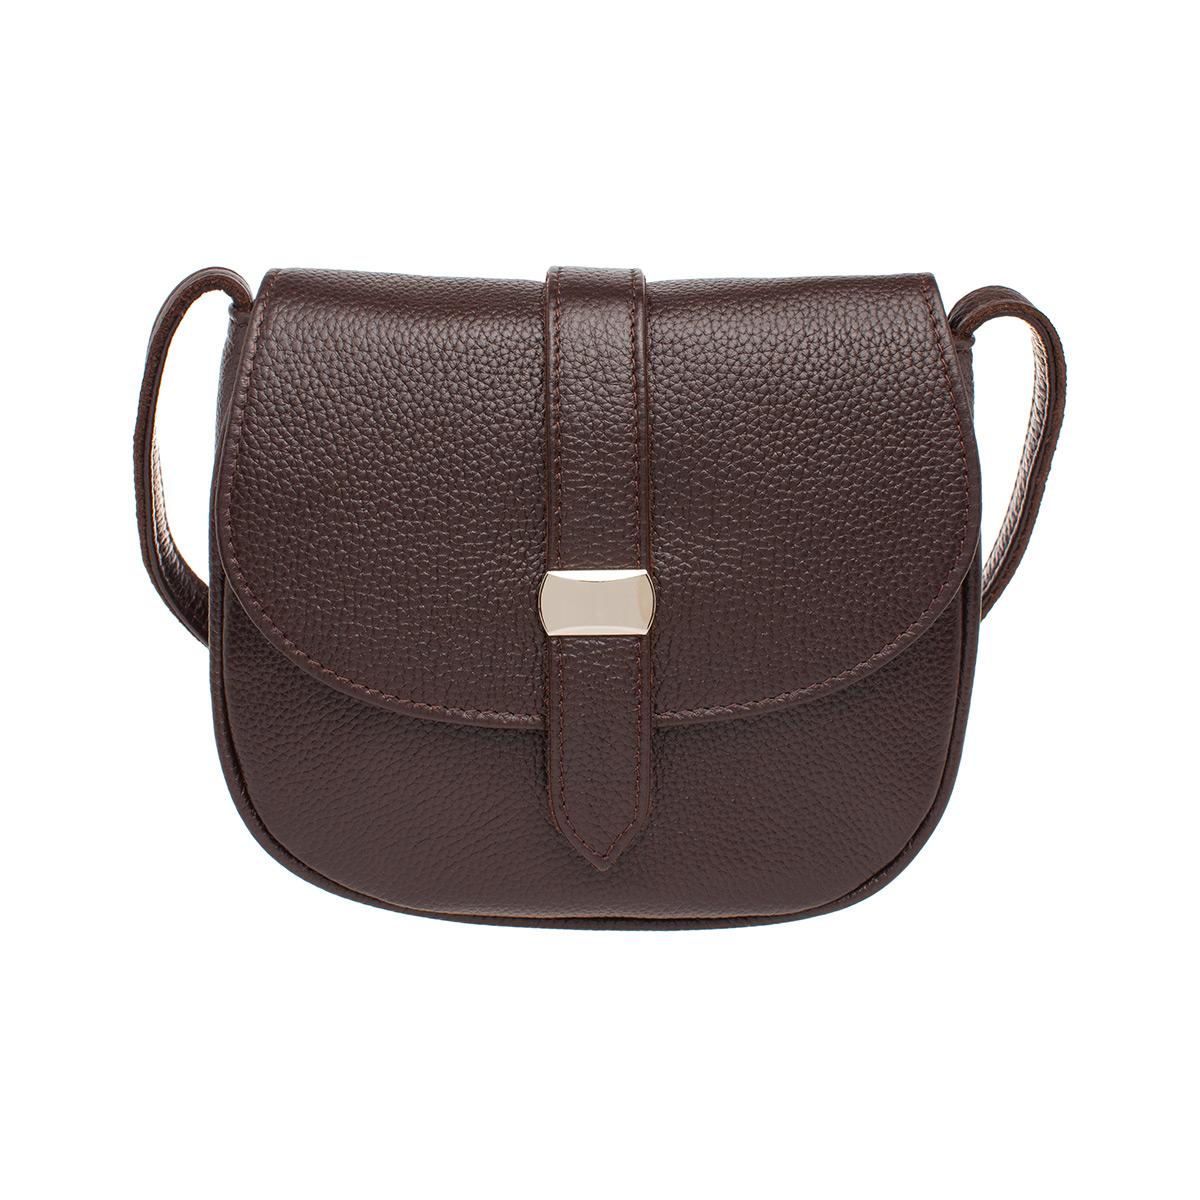 Женская сумка через плечо Baglyn Brown фото